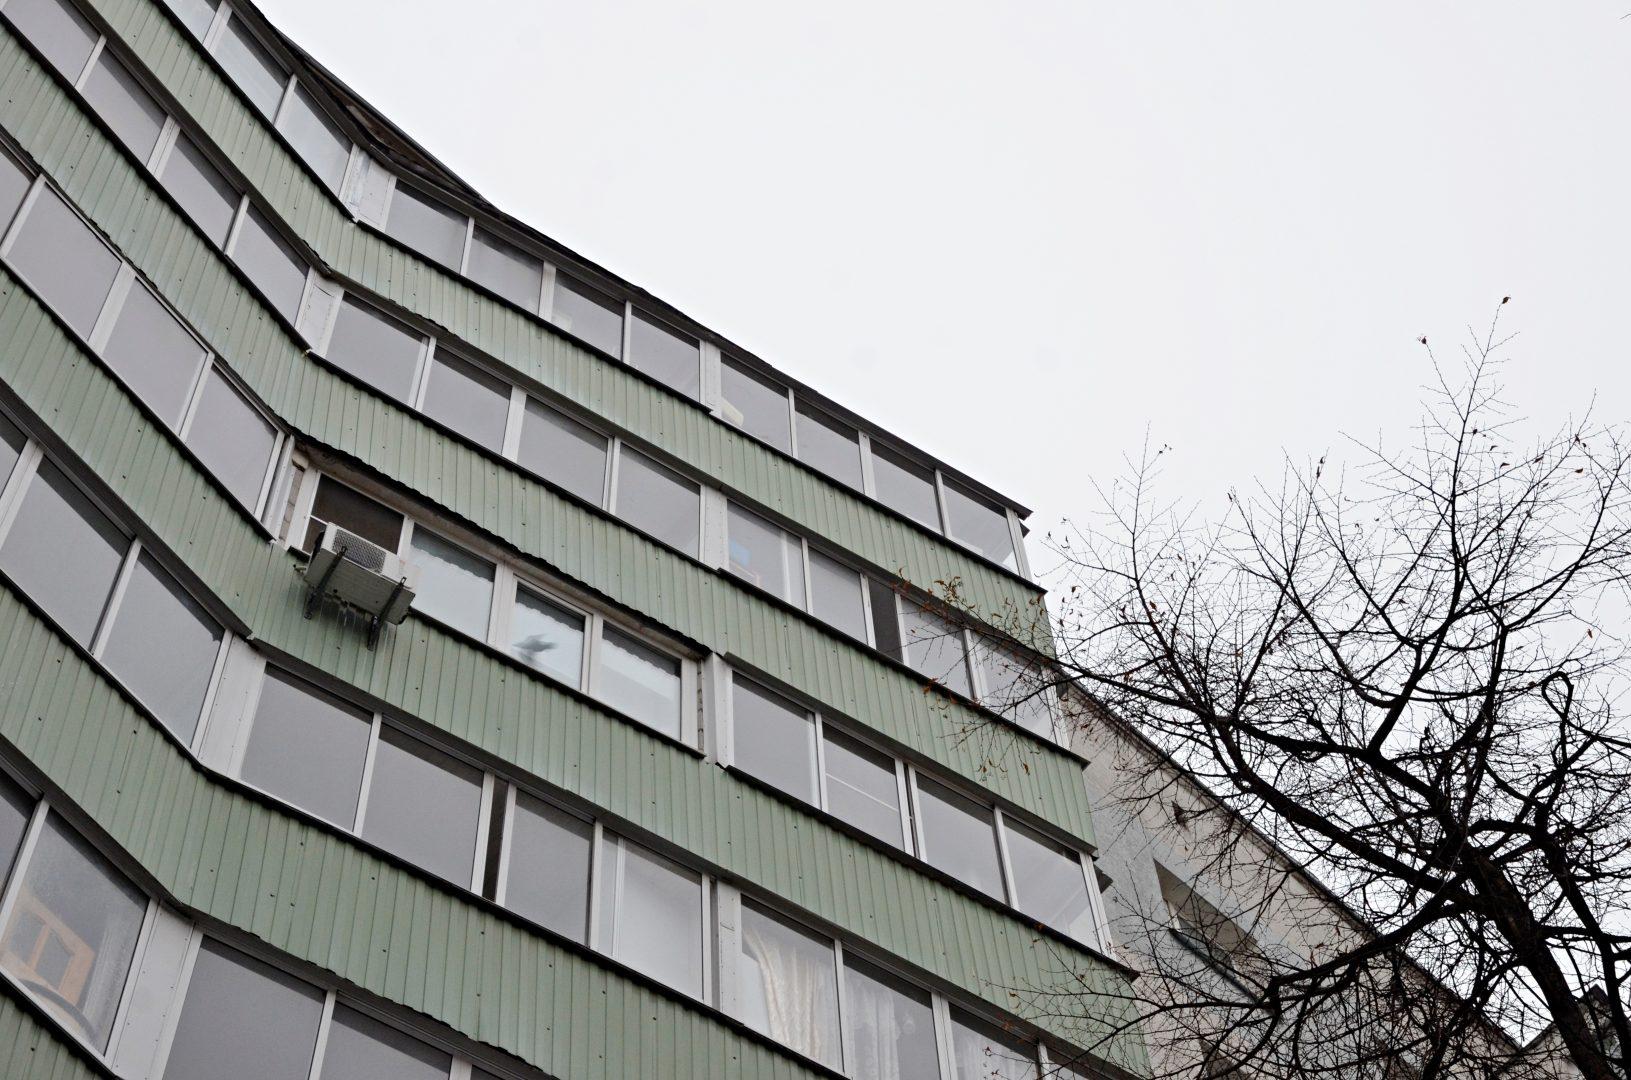 Капитальный ремонт фасадов 46 жилых домов проведут в Новой Москве. Фото: Анна Быкова